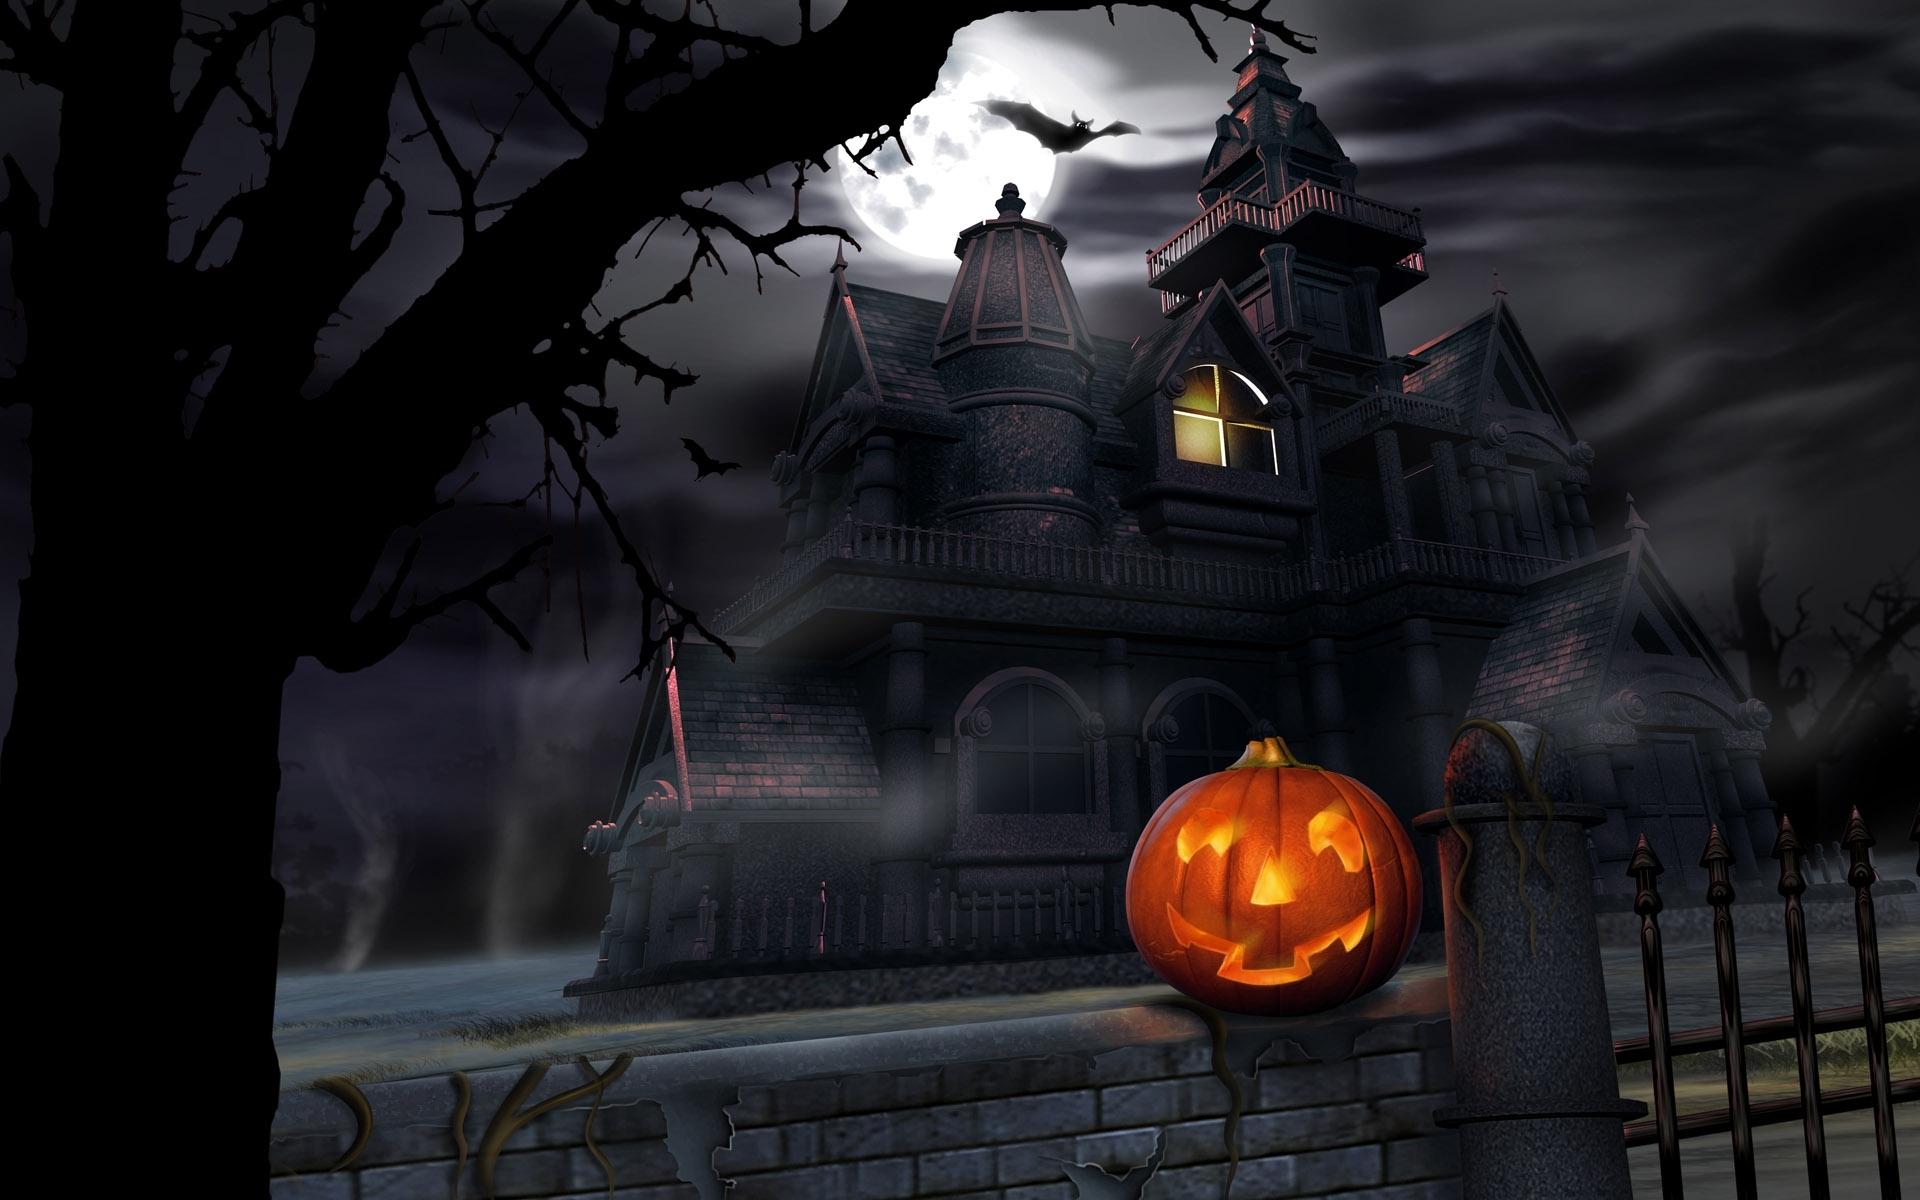 scary halloween 2012 hd wallpaper. - media file | pixelstalk